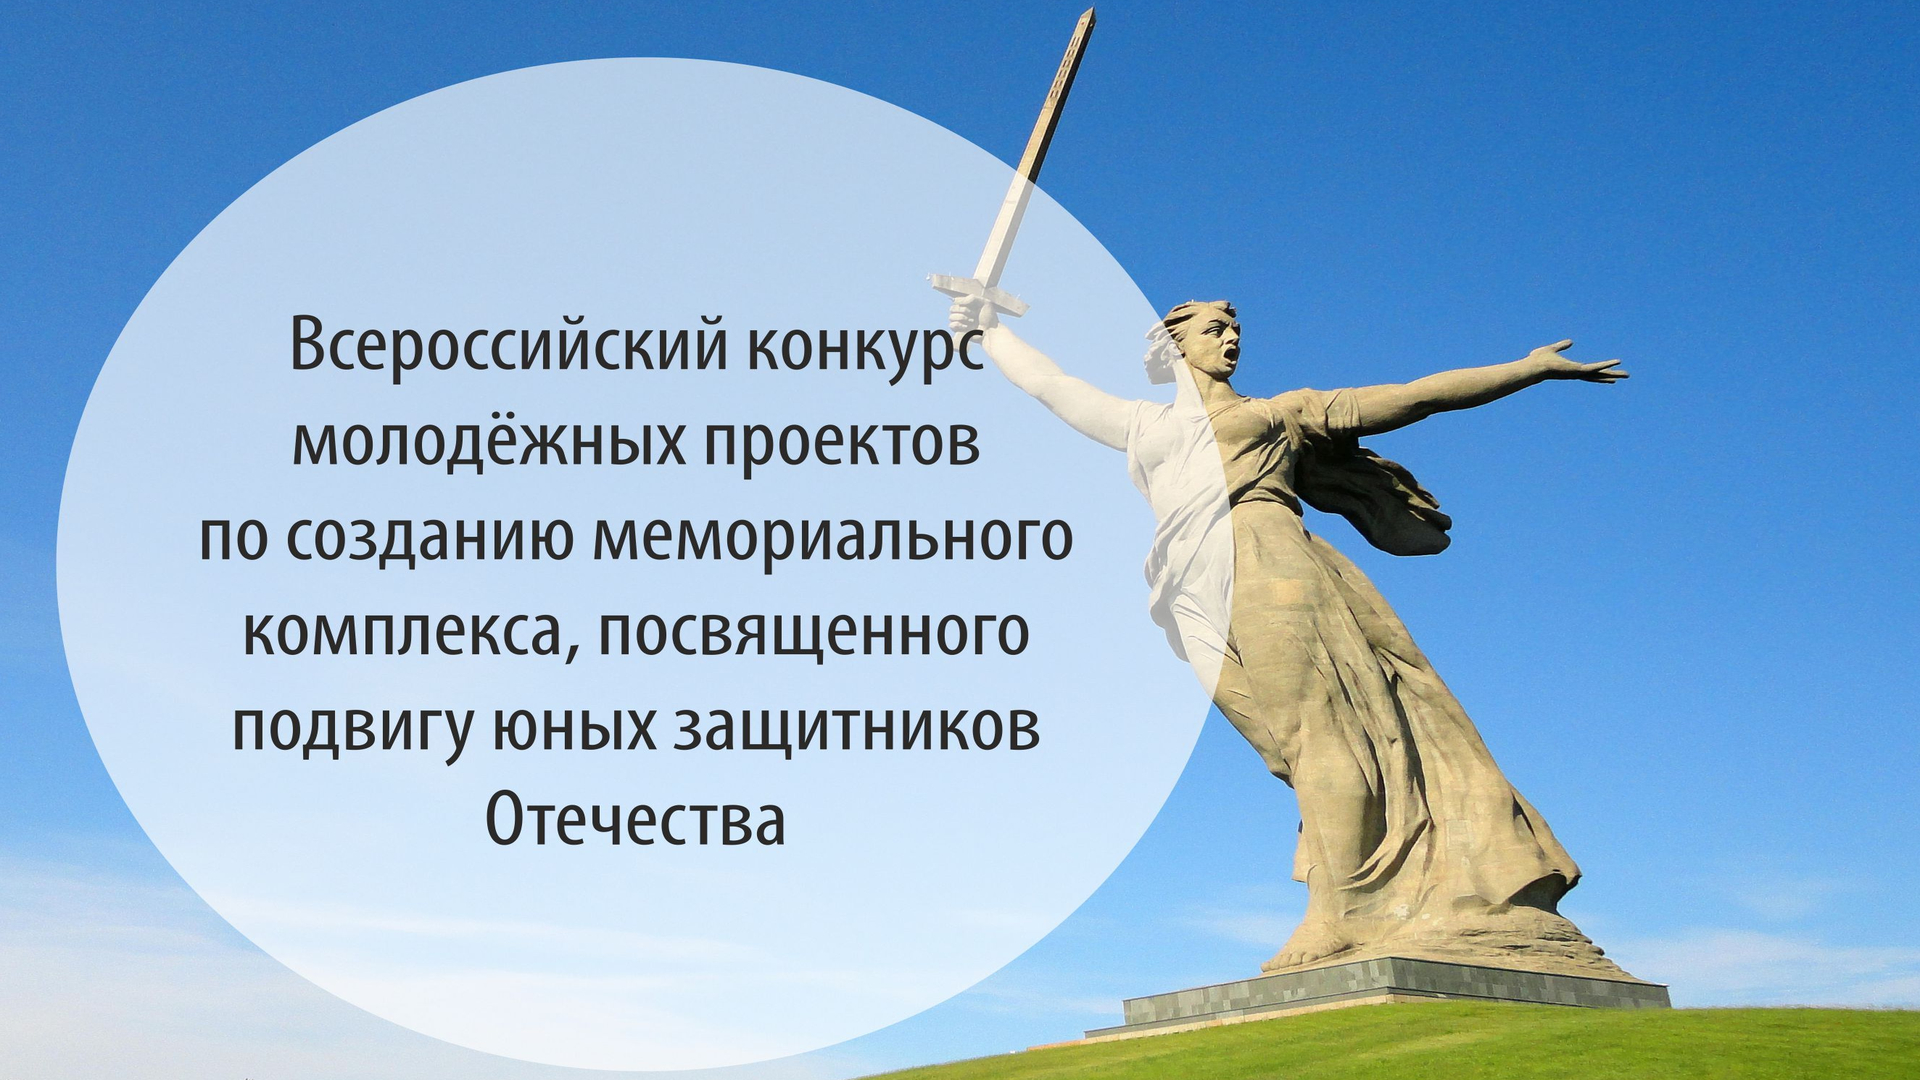 Участвуй в конкурсе по созданию мемориального комплекса!